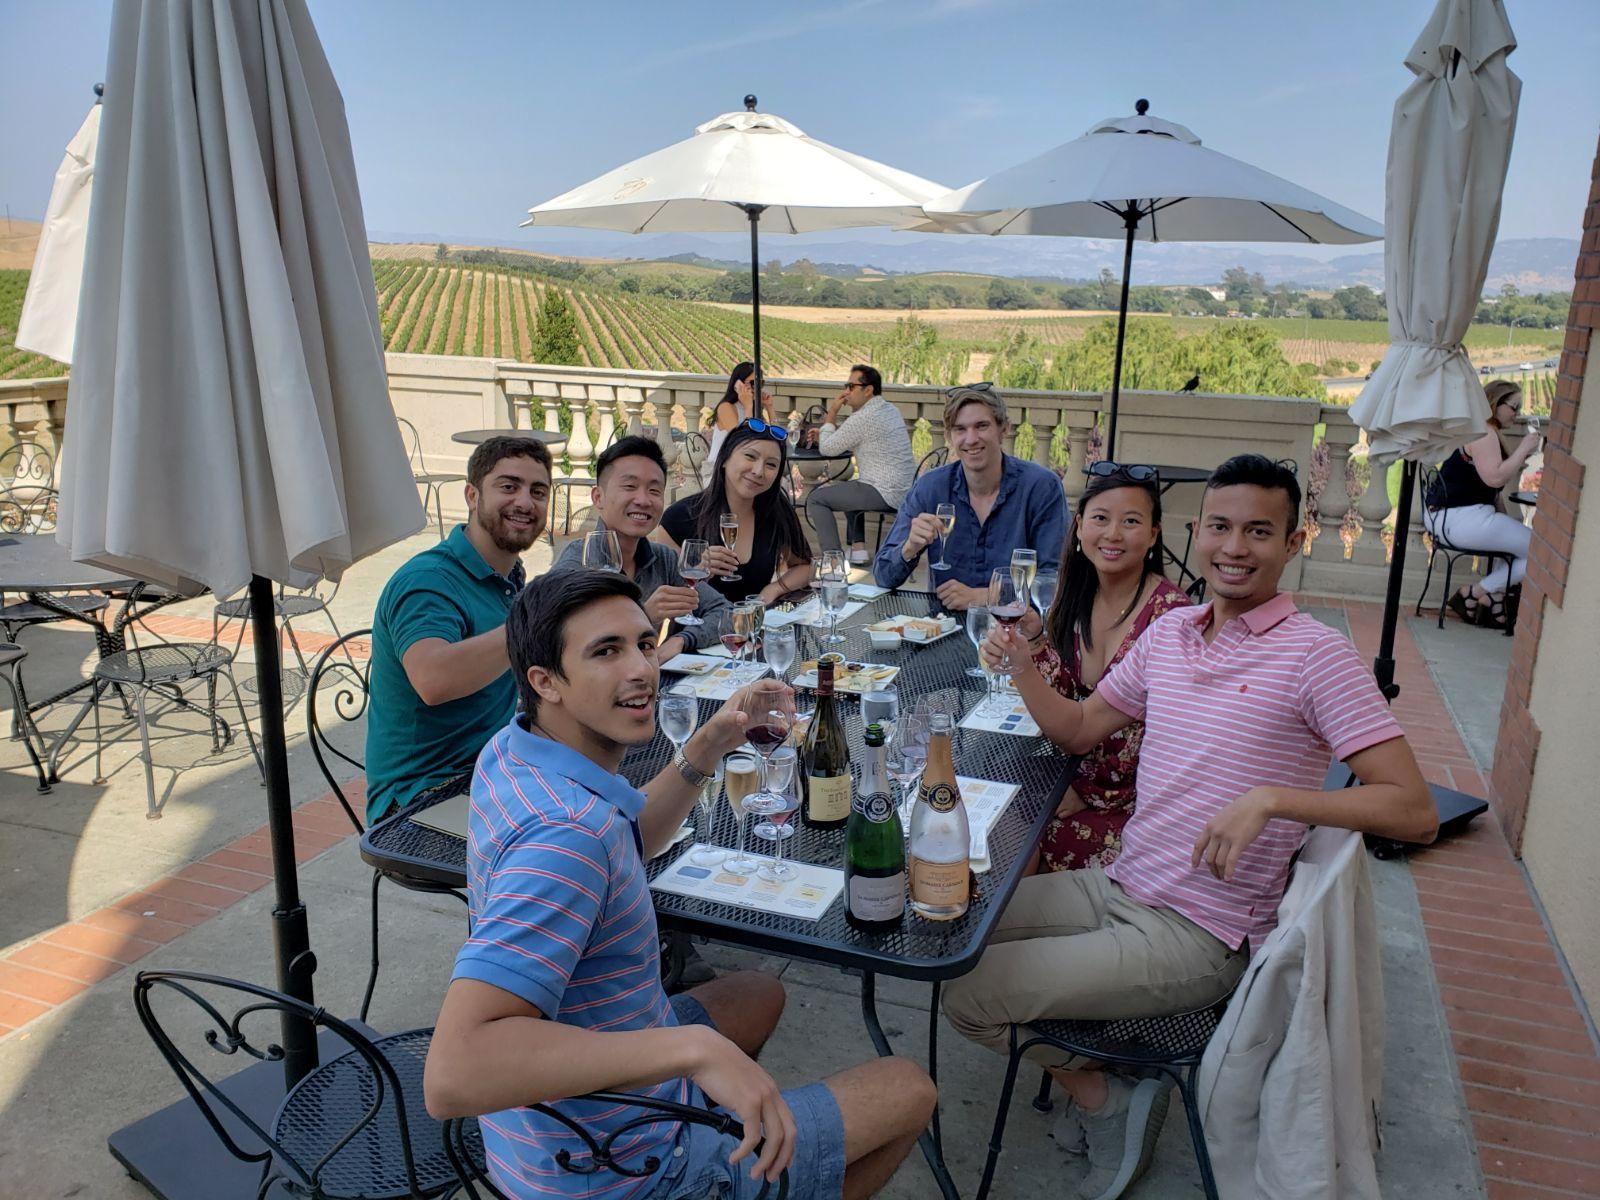 Wine tasting in Napa, August 2018